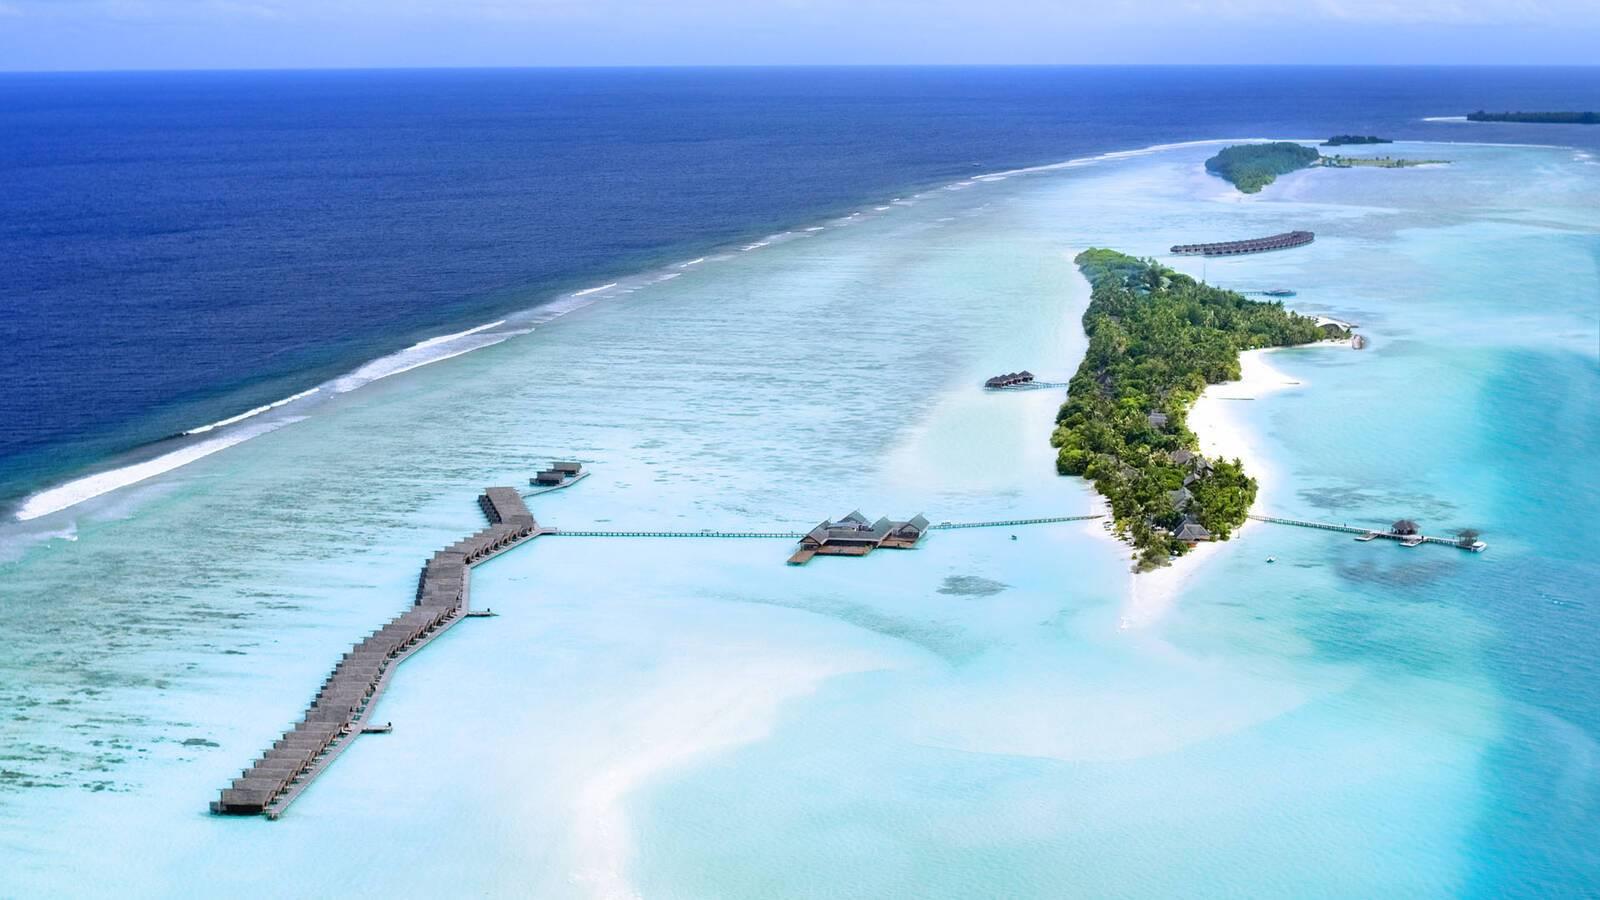 Lux South Ari Atoll Vue Aerienne